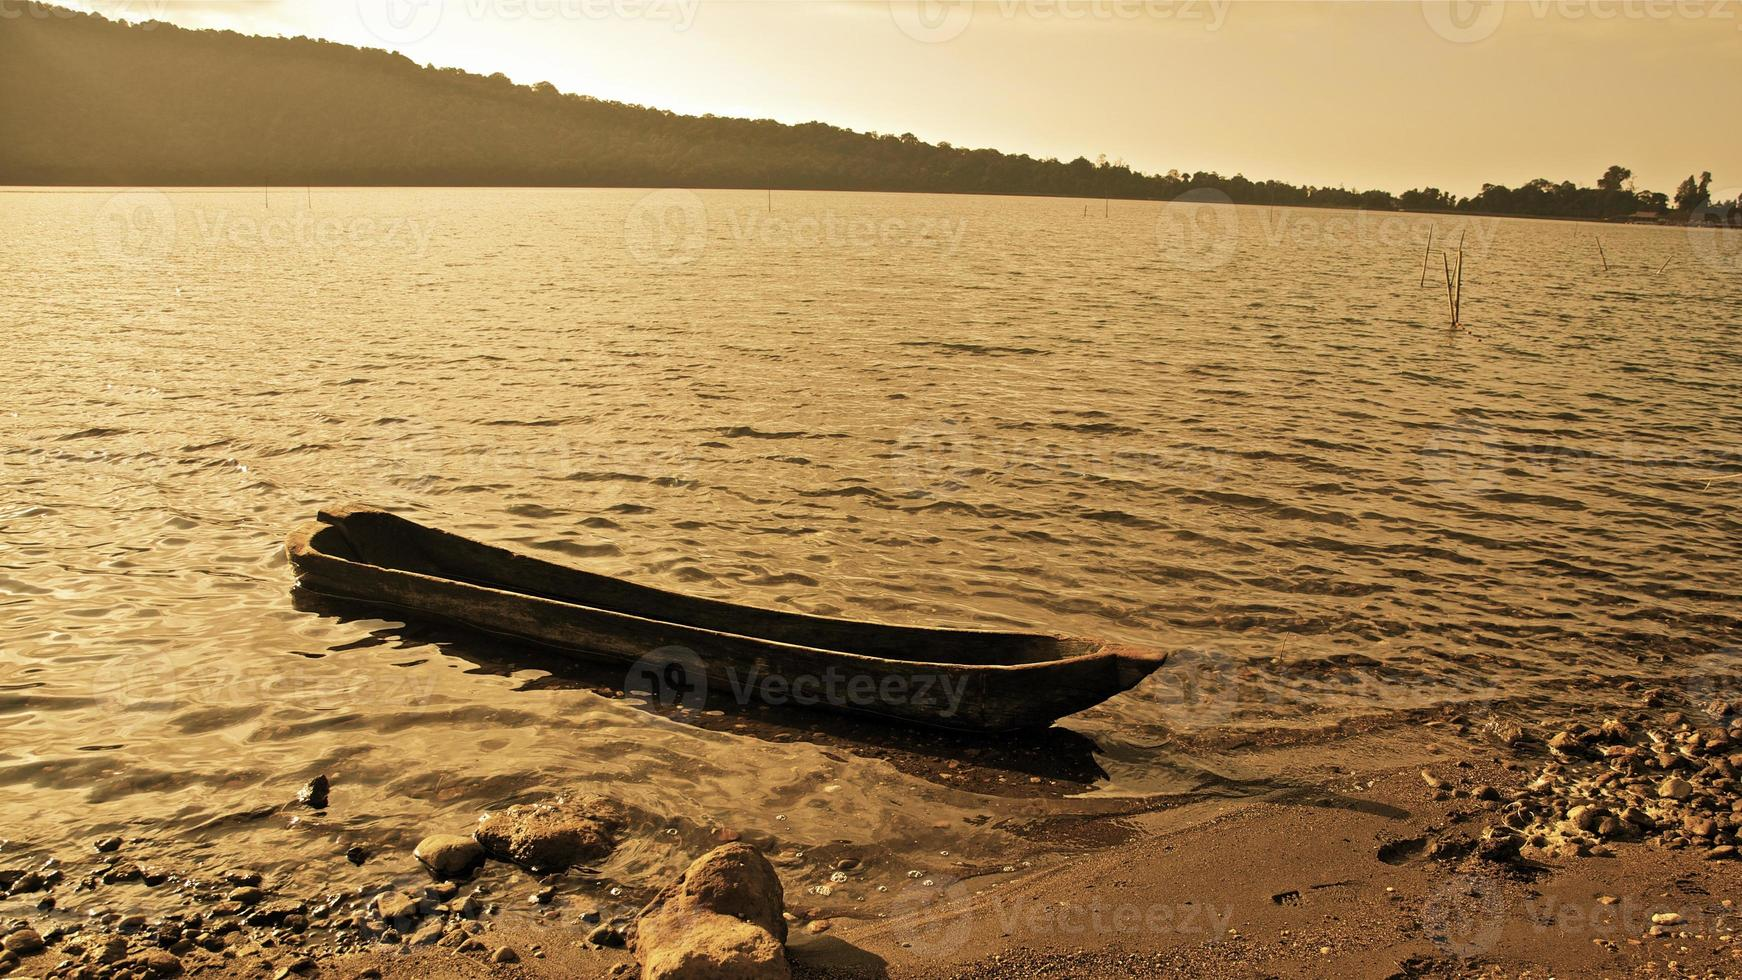 Barco de pesca Bali Indonesia Asia Bratan barco de madera sobre el agua foto